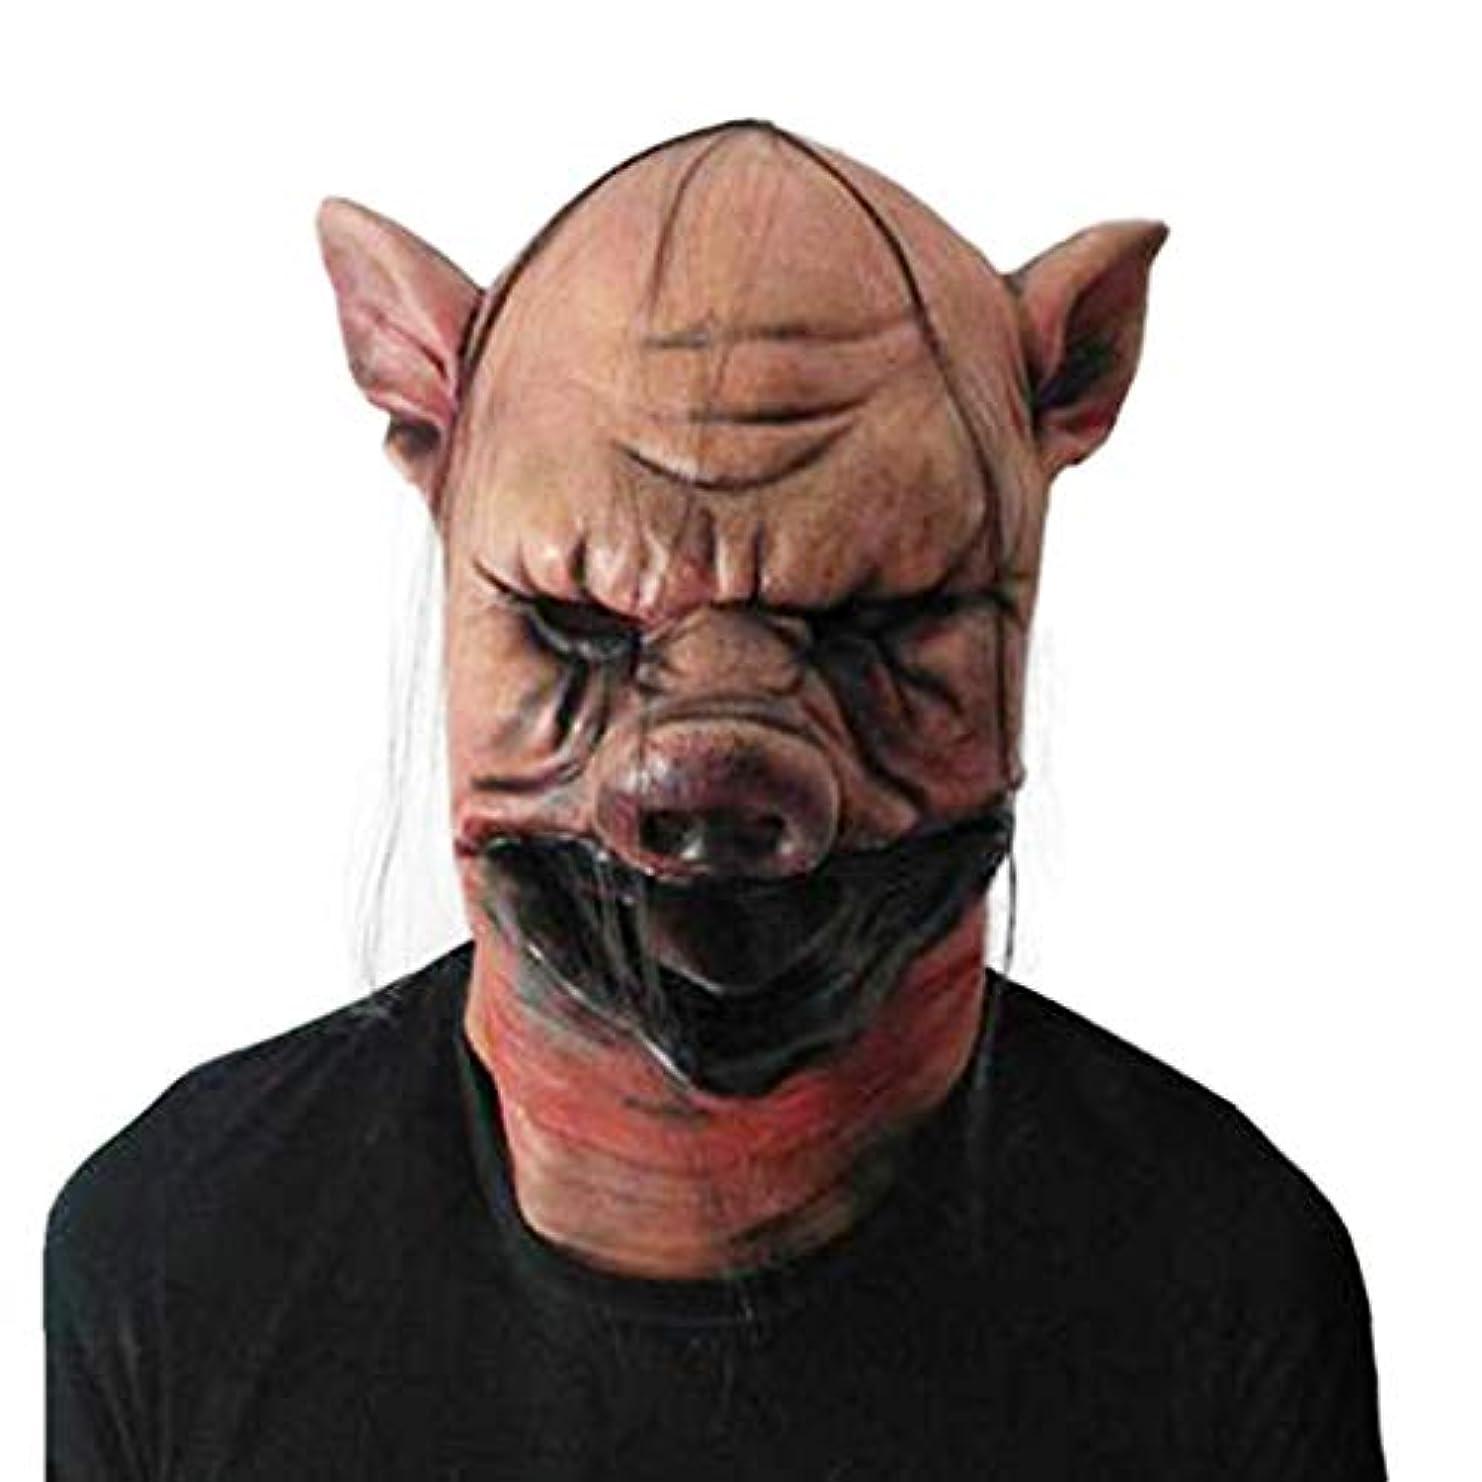 柔らかい足劣る豆腐ハロウィンホラー豚ヘッドマスクコスプレハロウィンメイクアップパーティーフェスティバルコスチュームマスカレードバーパーティーラテックス豚ヘッドギア